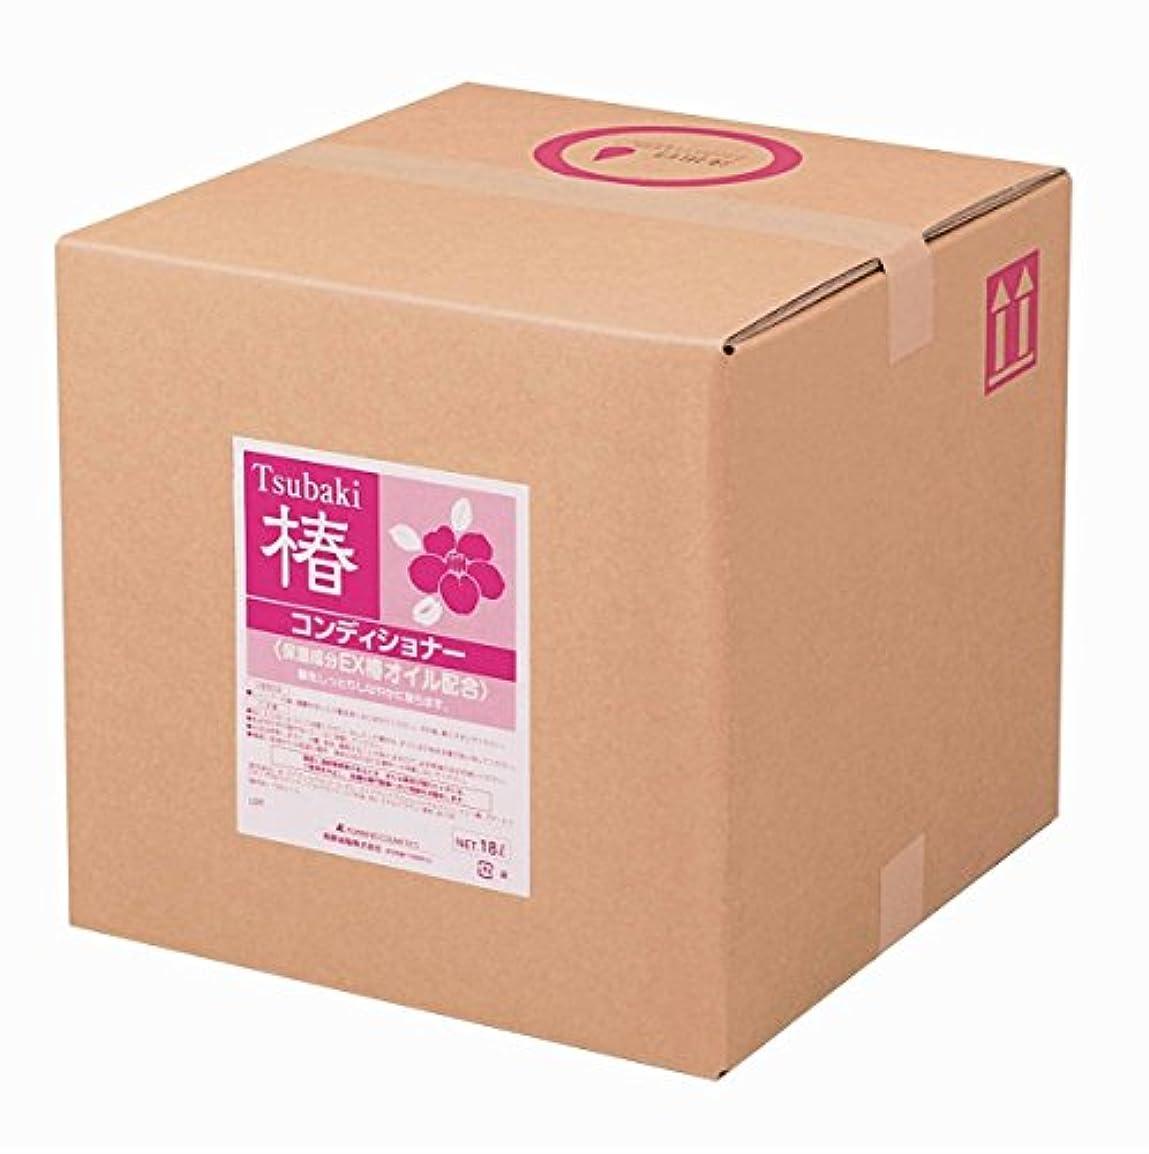 名前まっすぐにする君主制熊野油脂 業務用 椿 コンディショナー 18L